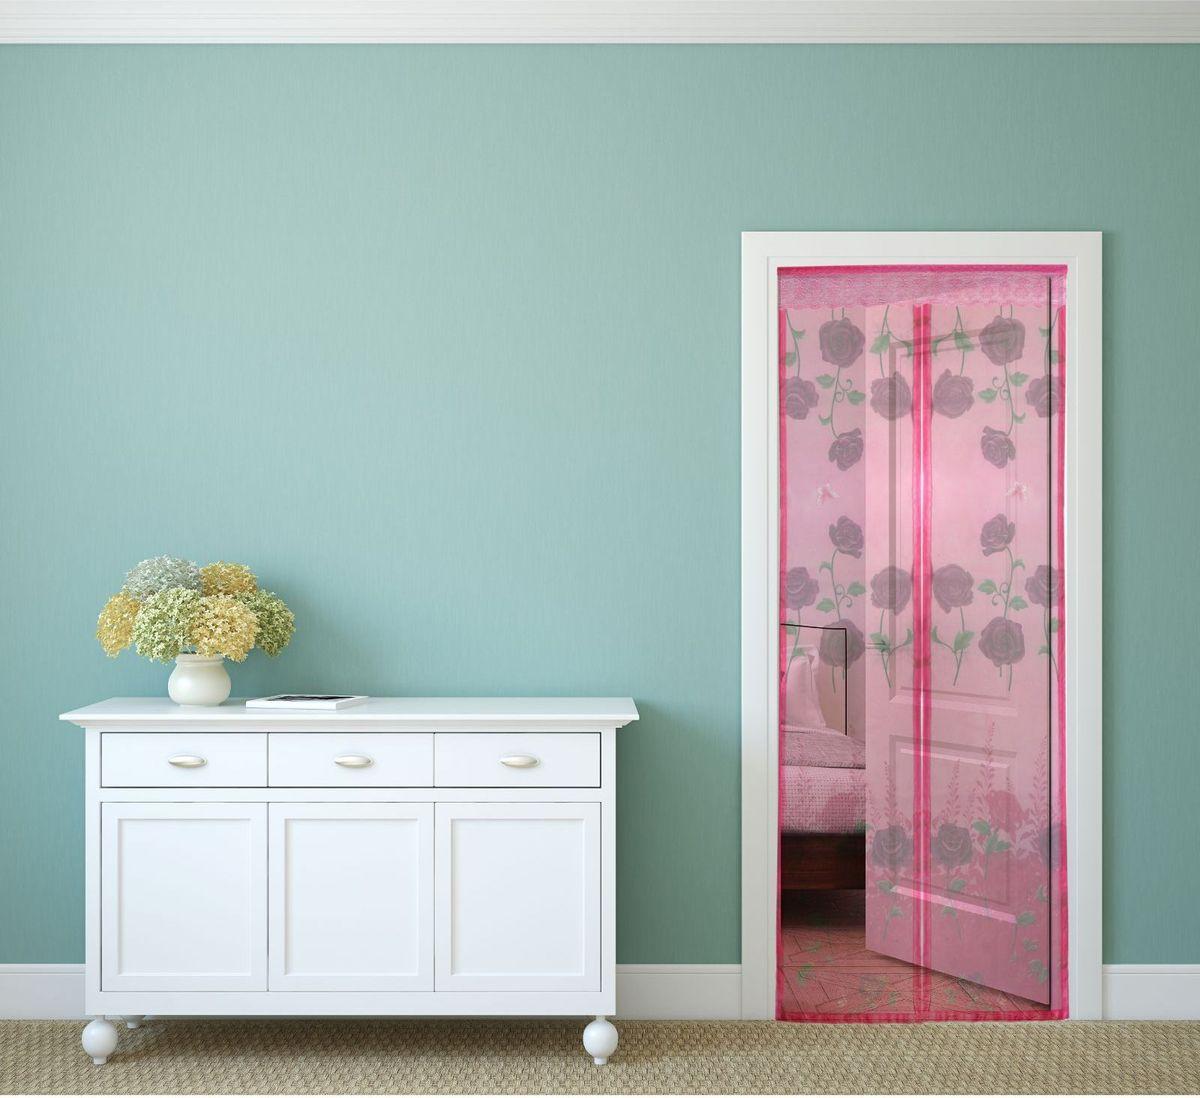 Сетка антимоскитная Цветы, на магнитной ленте, цвет: розовый, 80 х 210 см137788Сетка антимоскитная Цветы от насекомых на магнитной ленте универсальна в использовании: подвесьте ее при входе в садовый дом или балкон, чтобы предотвратить попадание комаров внутрь жилища. Наслаждайтесь свежим воздухом без компании надоедливых насекомых.Чтобы зафиксировать занавес в дверном проеме, достаточно закрепить занавеску по периметру двери с помощью кнопок, идущих в комплекте.В комплект входит: полиэстеровая сетка-штора (80 x 210 см), магнитная лента и крепёжные крючки.Принцип действия занавеса предельно прост: каждый раз, когда вы будете проходить сквозь шторы, они автоматически захлопнутся за вами благодаря магнитам, расположенным по всей его длине.